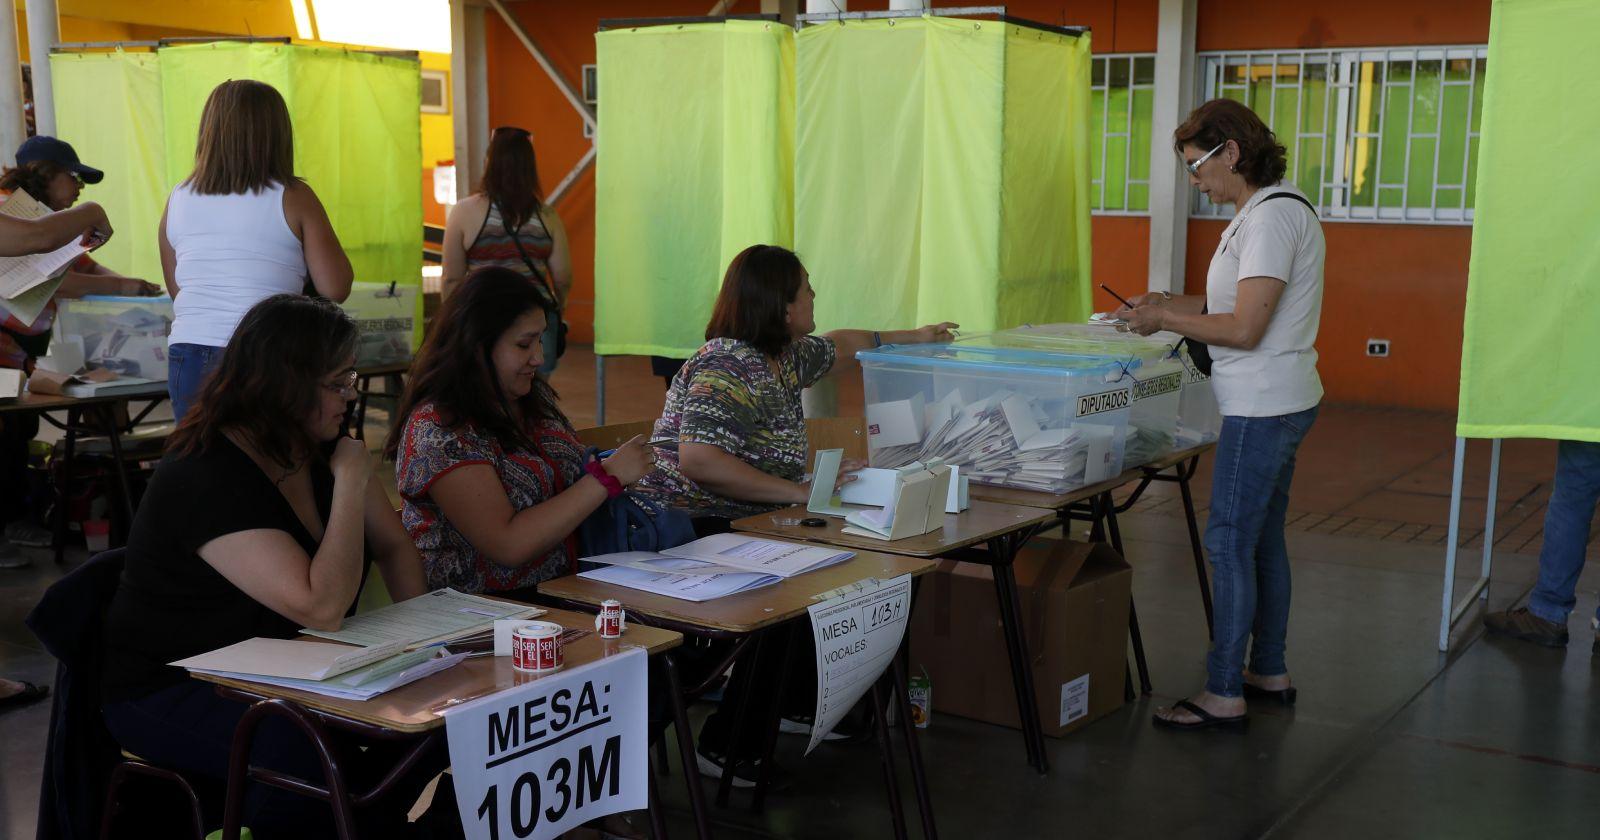 """""""Evitar contactos y entrega de kits sanitarios: Servel define protocolo para vocales de mesa en el plebiscito"""""""